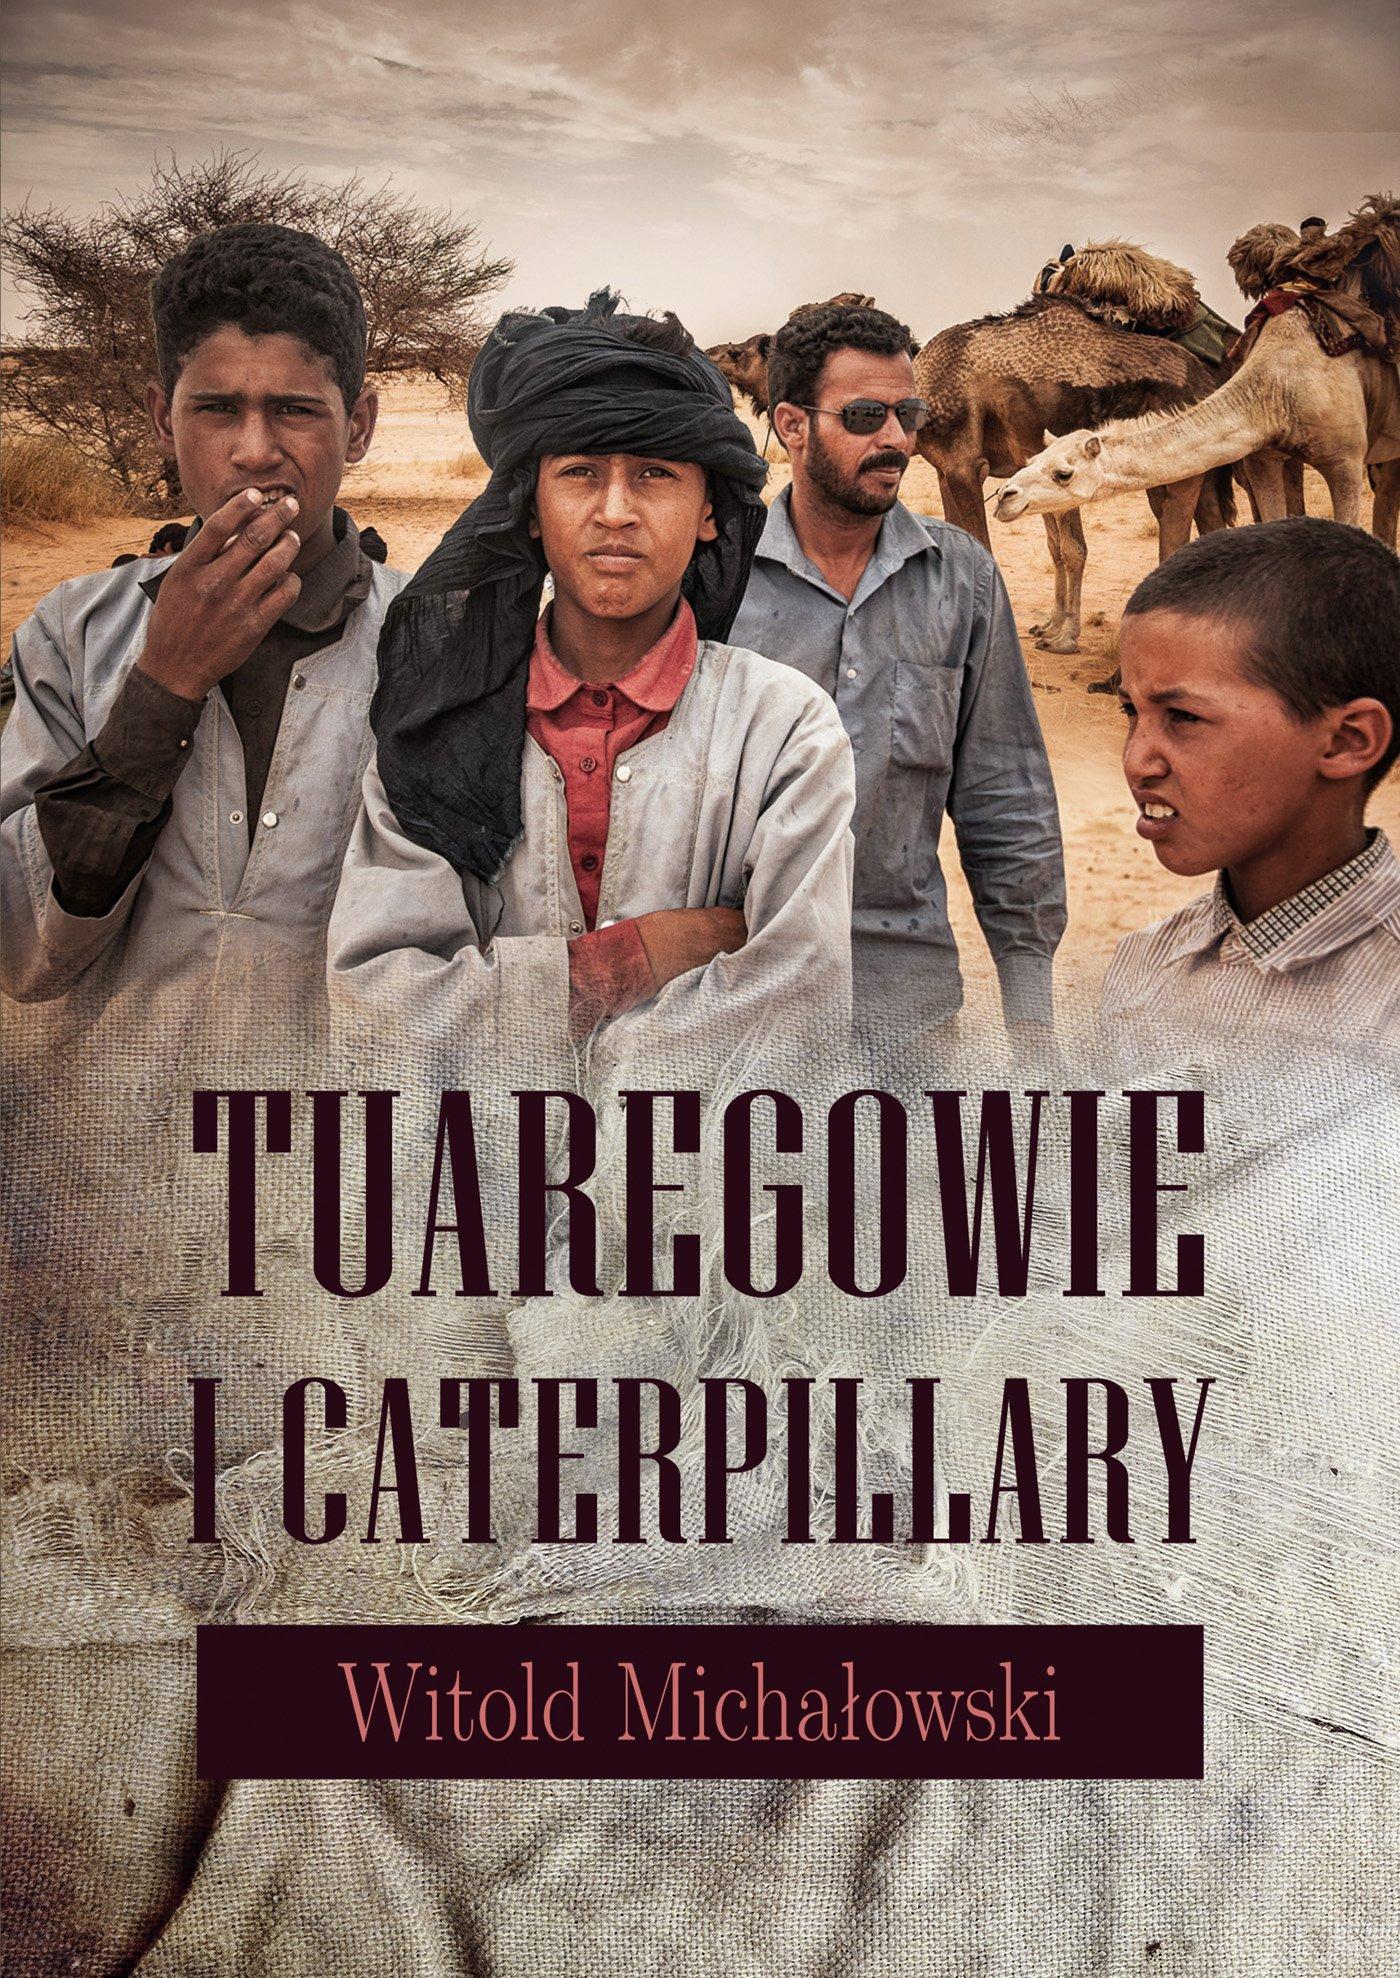 Tuaregowie i caterpillary - Ebook (Książka EPUB) do pobrania w formacie EPUB